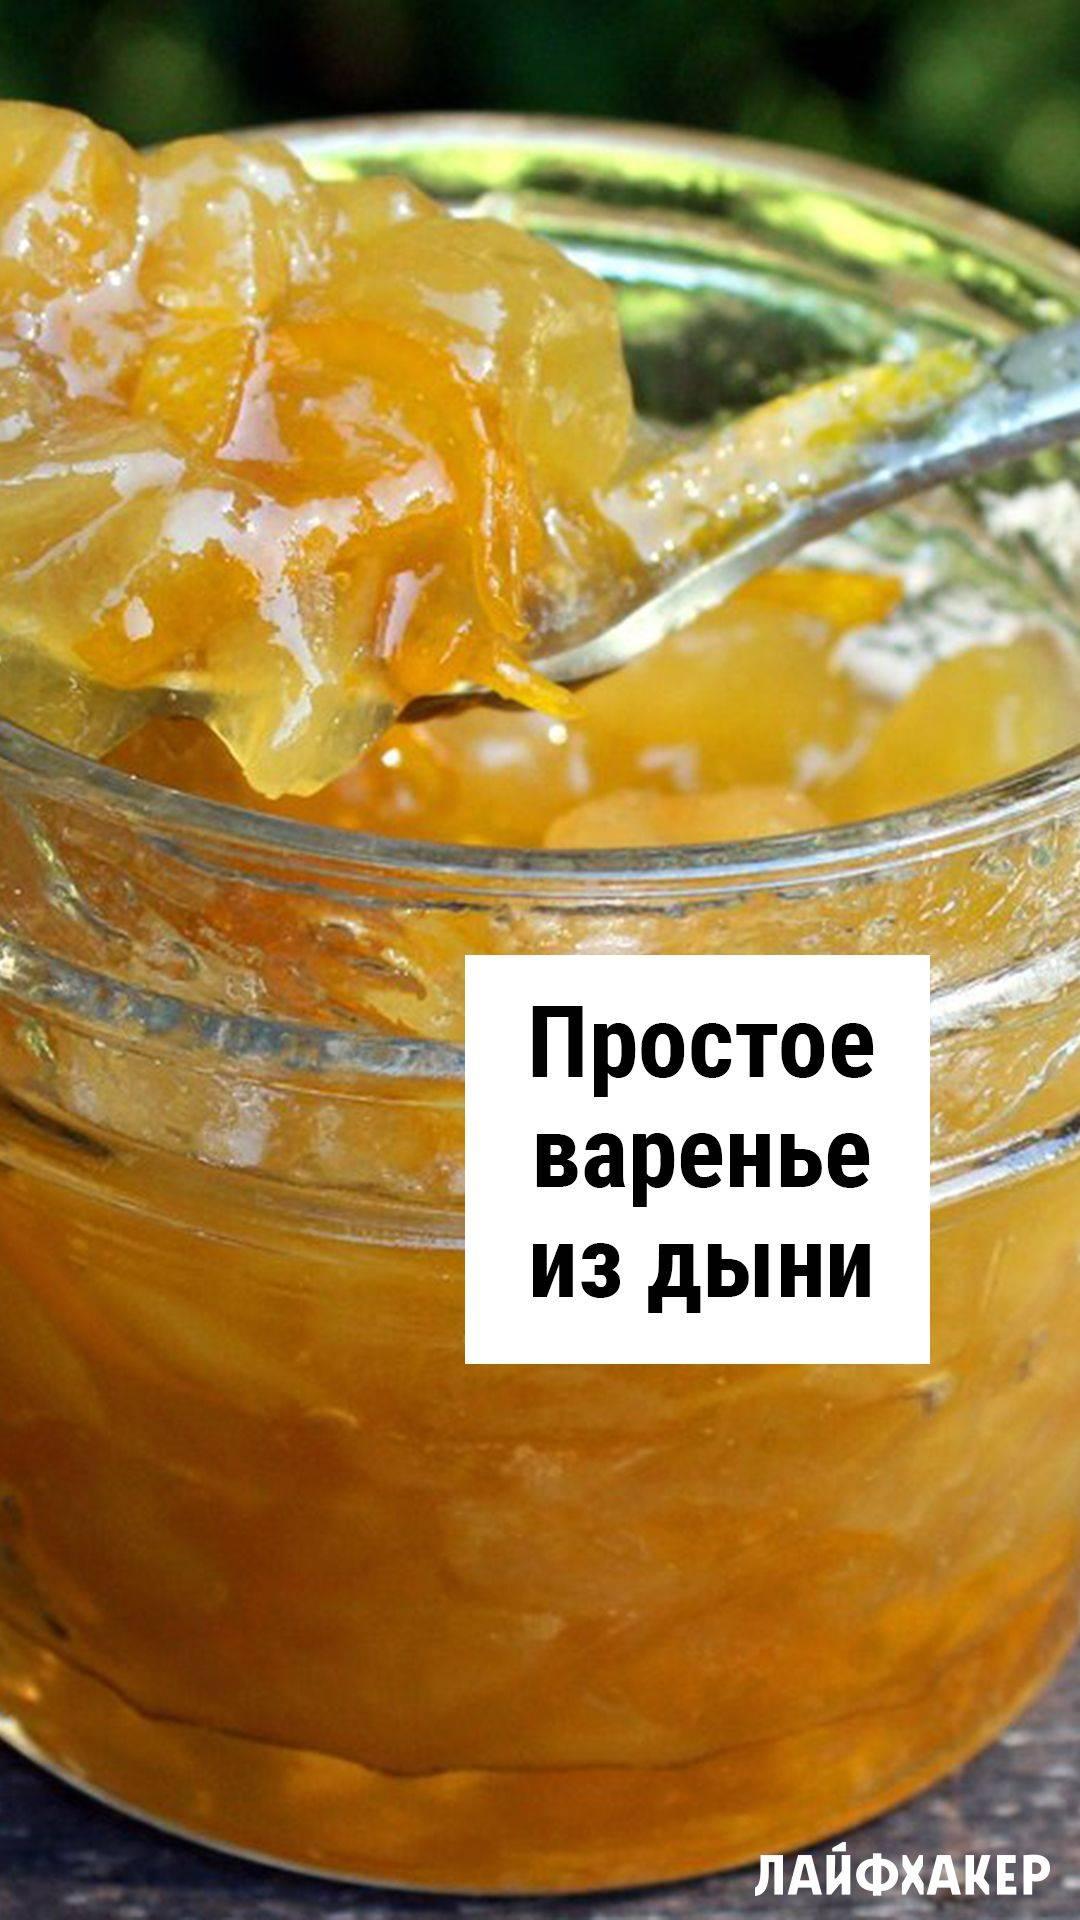 Варенье из дыни пошаговый рецепт с картинками